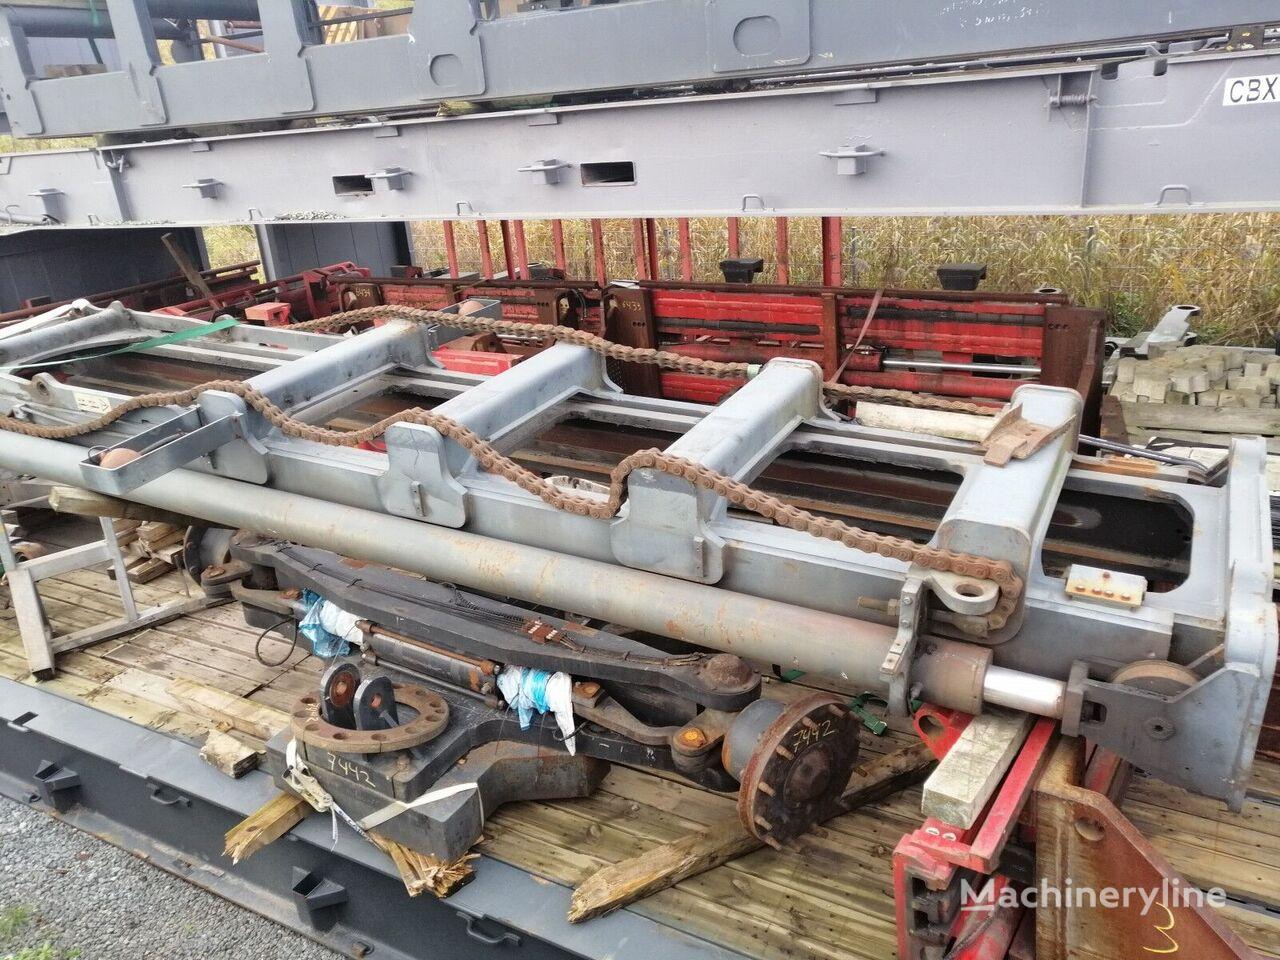 KALMAR EMTY MAST mástil de carretilla elevadora para KALMAR maquinaria de elevación y manutención